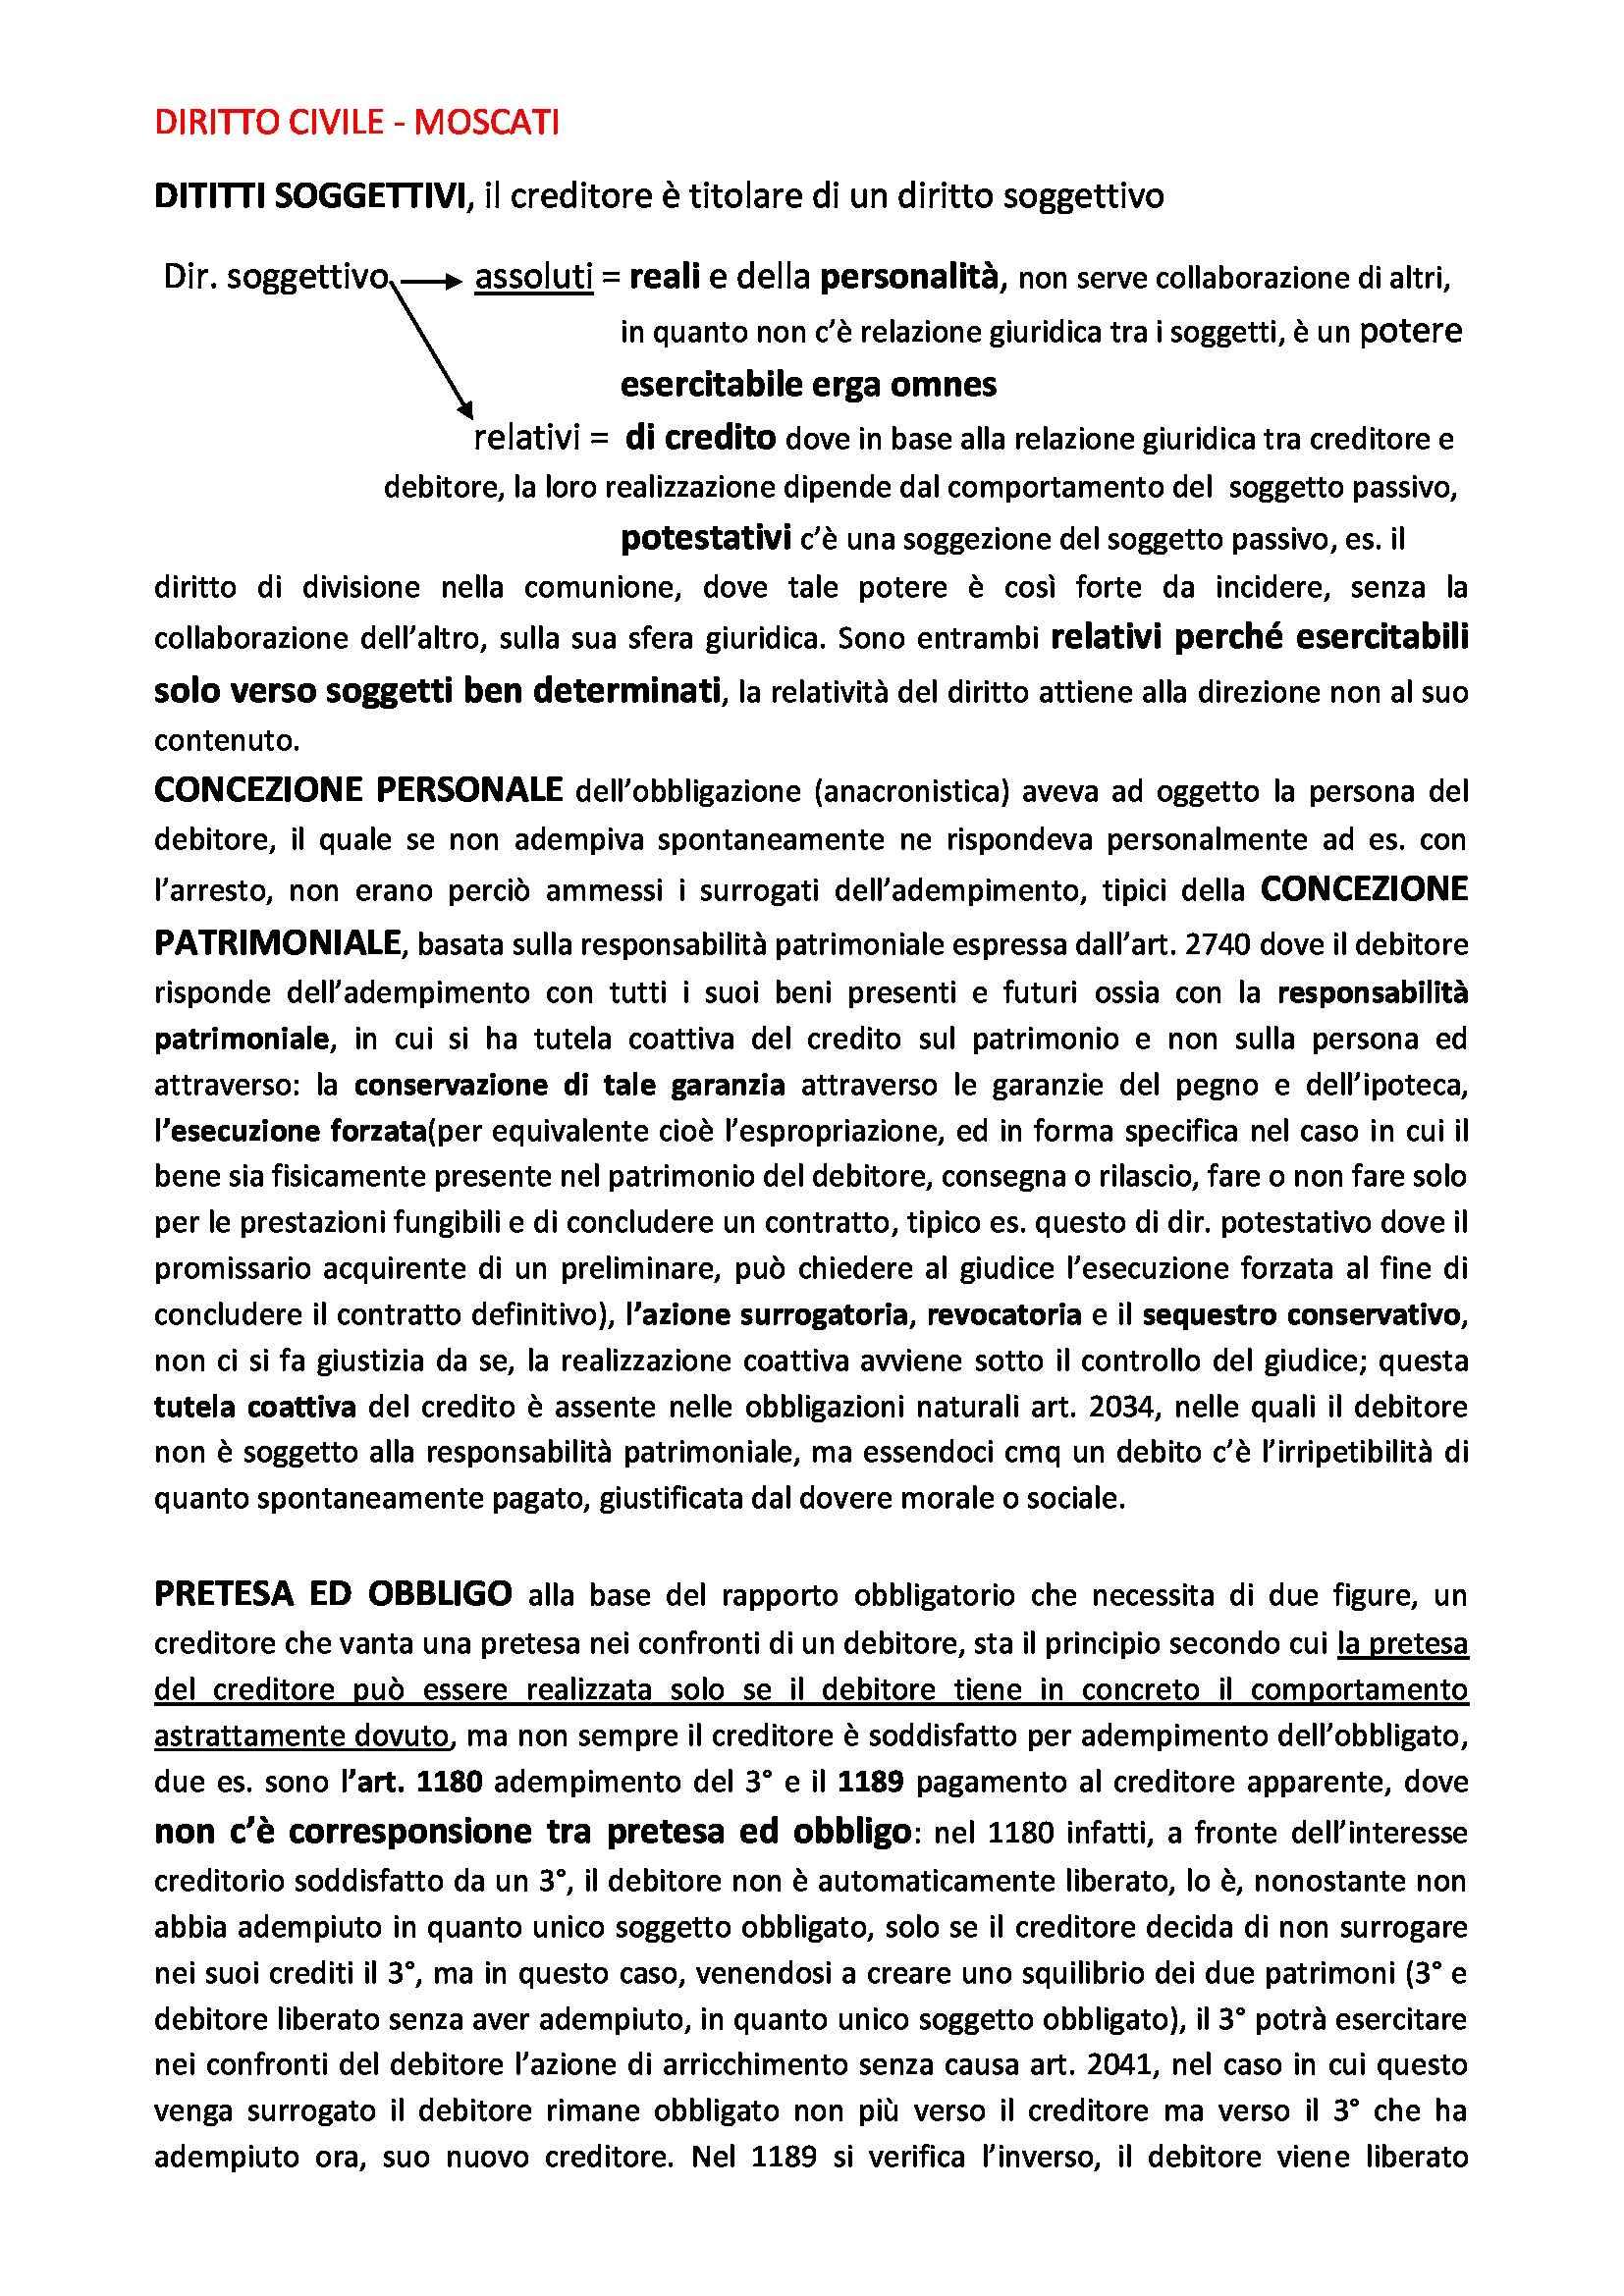 Diritto civile - Appunti